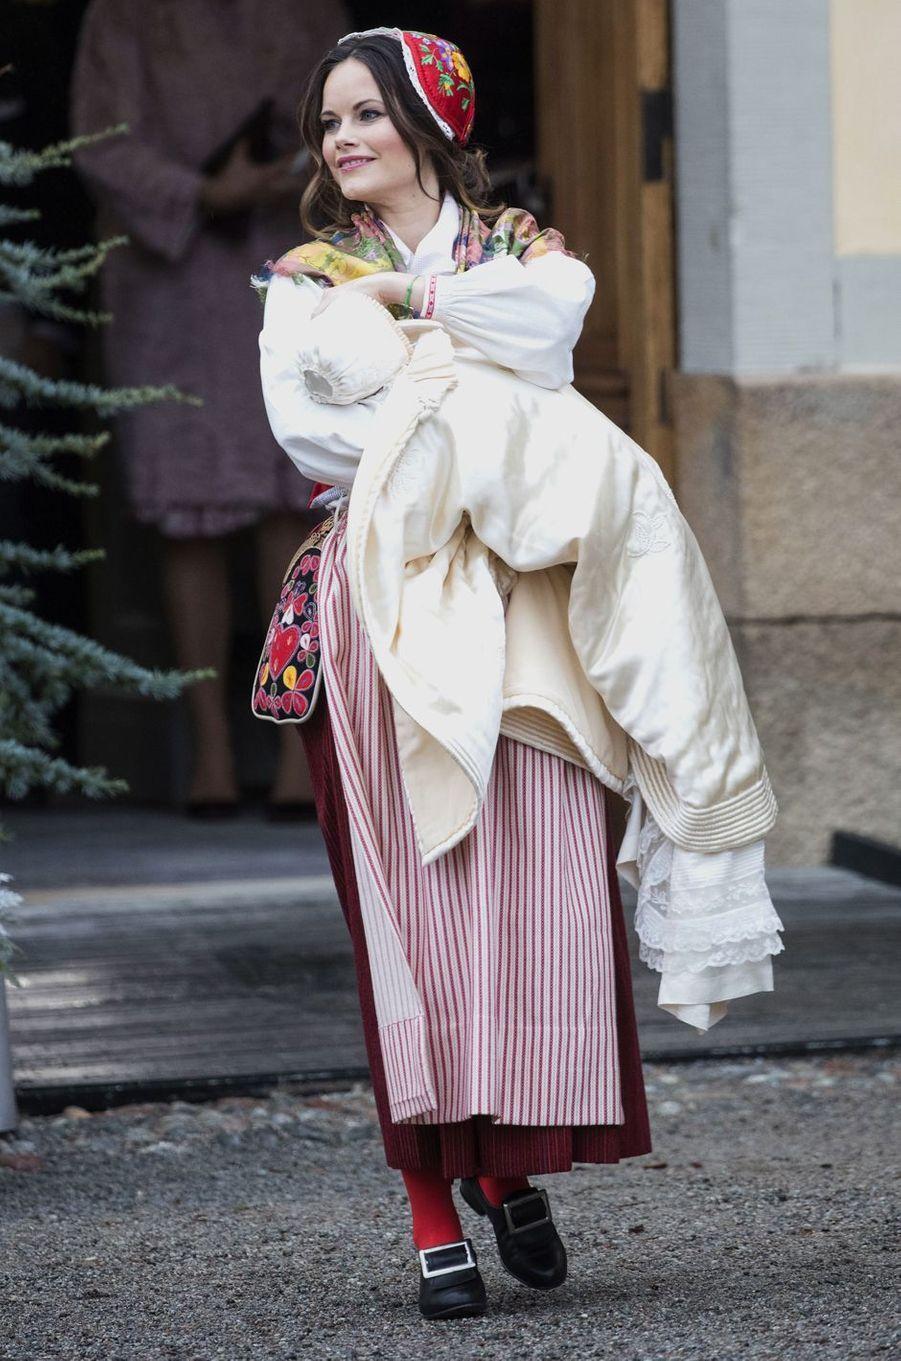 La princesse Sofia de Suède en tenue folklorique au baptême de son fils le prince Gabriel, le 1er décembre 2017